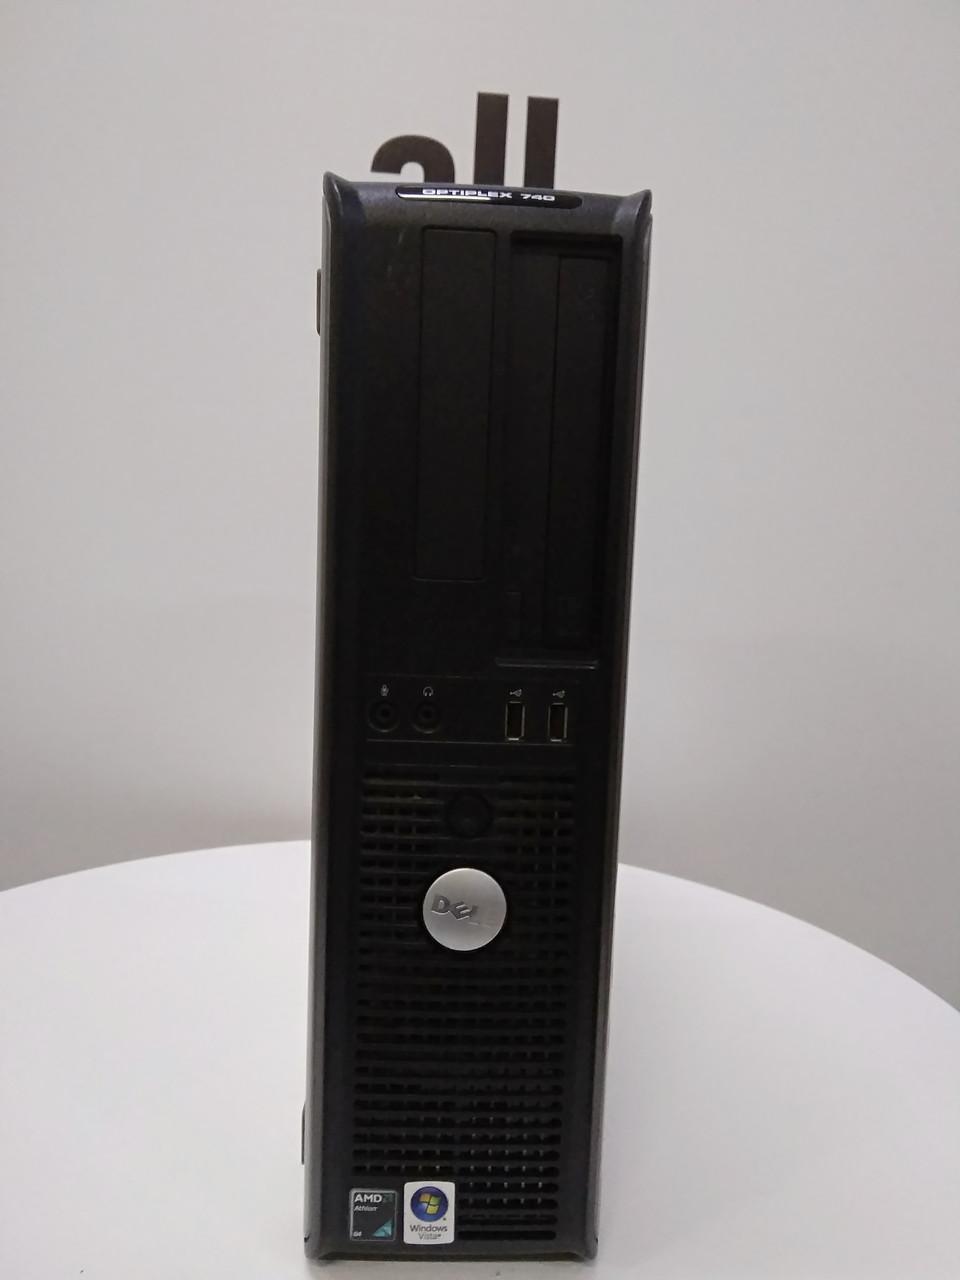 Системний блок OptiPlex 740 AMD Athlon X2 4450B 2,3GHz Комп'ютер